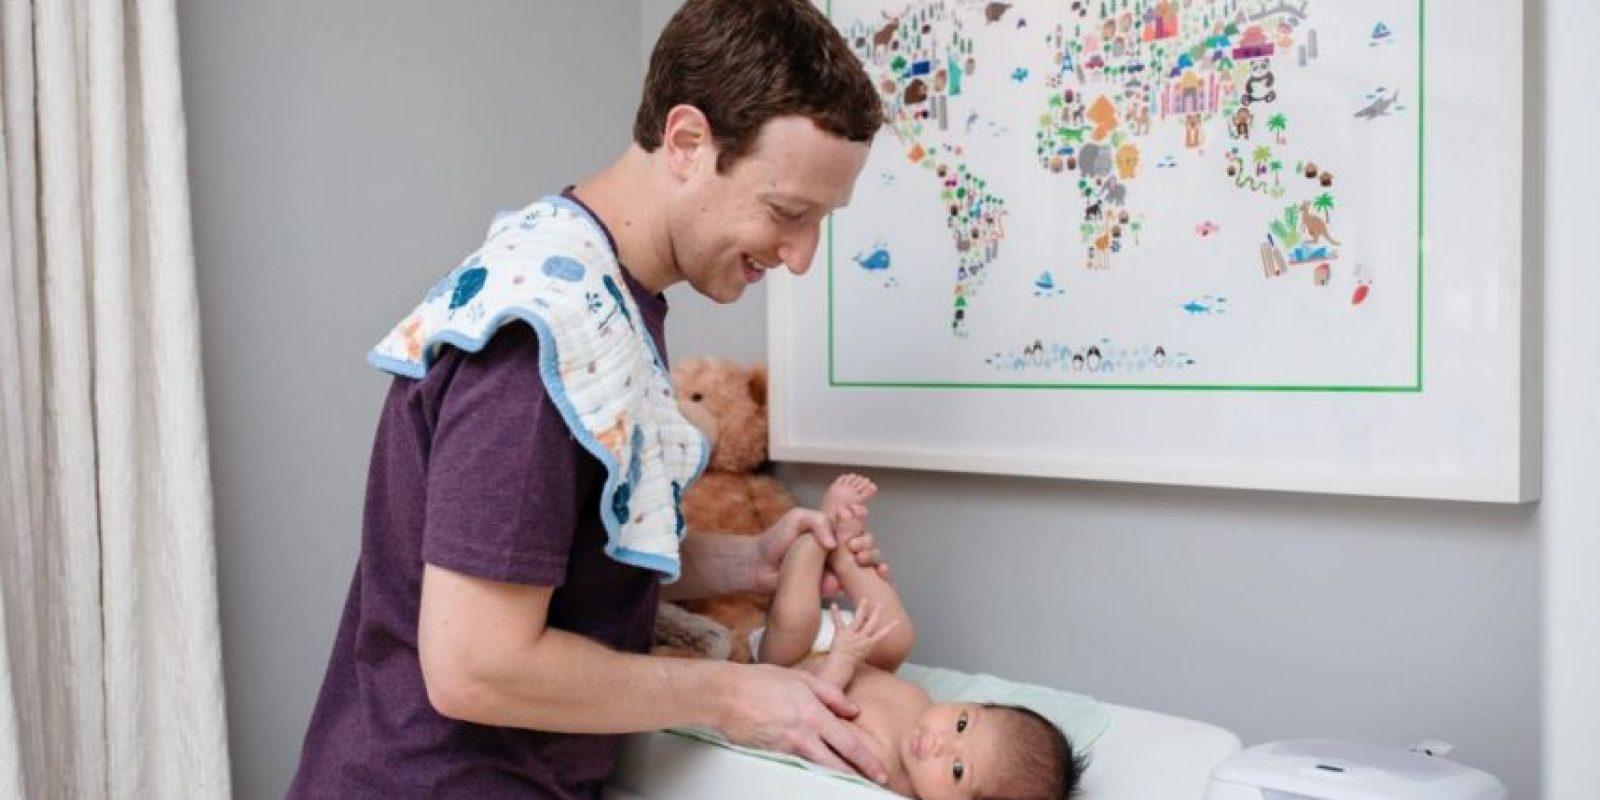 Mark Zuckerberg está aprendiendo a cambiar pañales. Foto:facebook.com/zuck